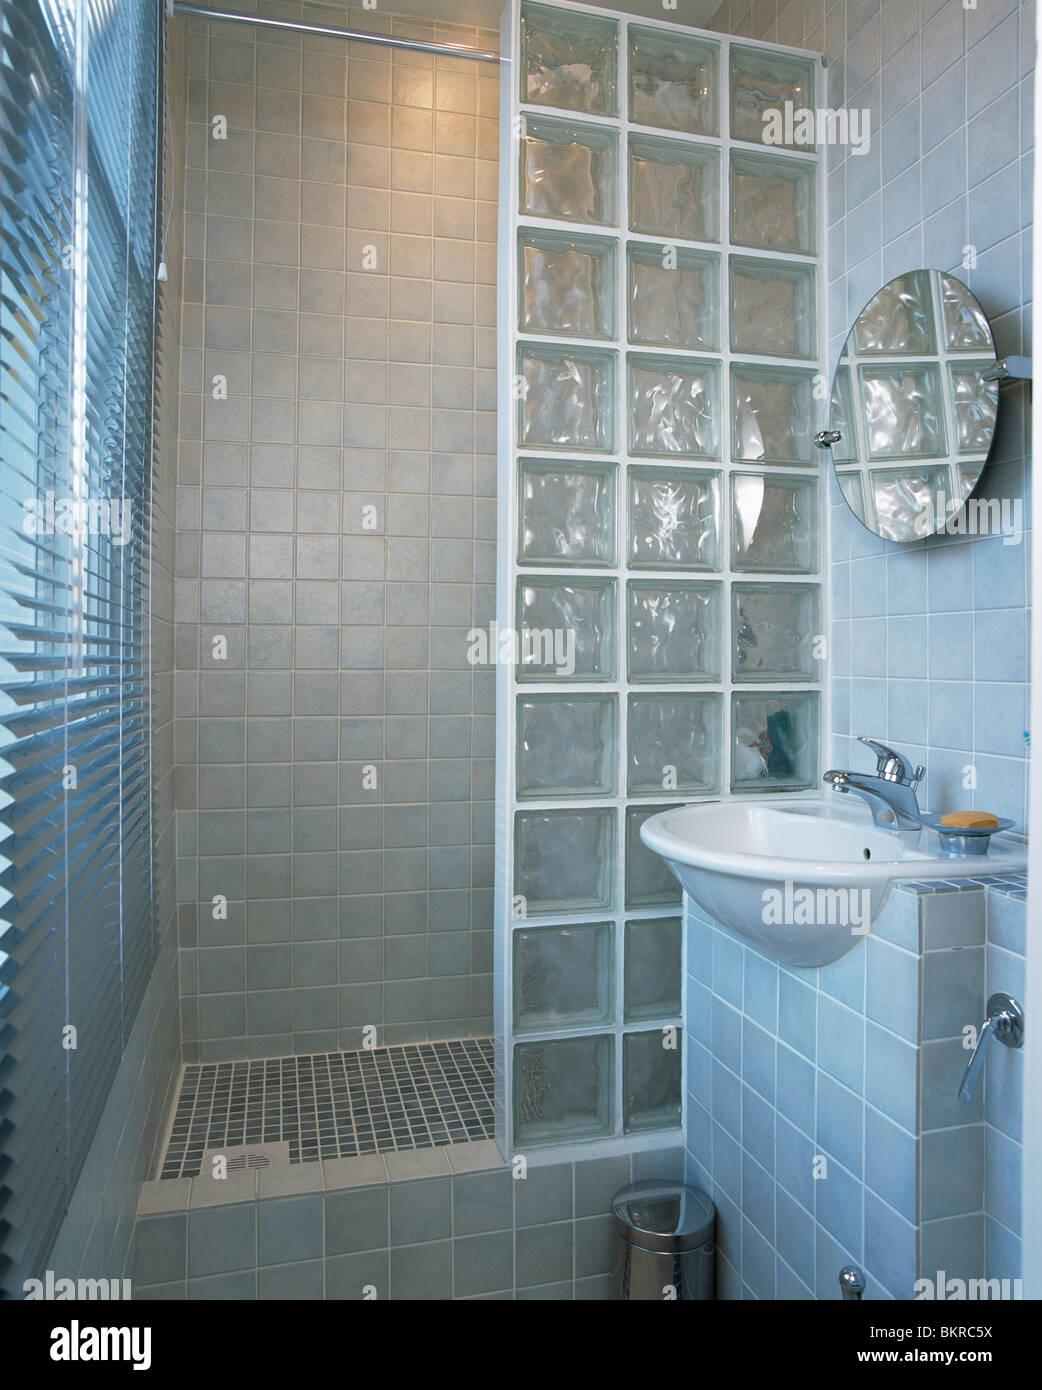 Gemauerte Dusche Glaswand In Kleinen Modern Gefliesten Bad Mit Wand